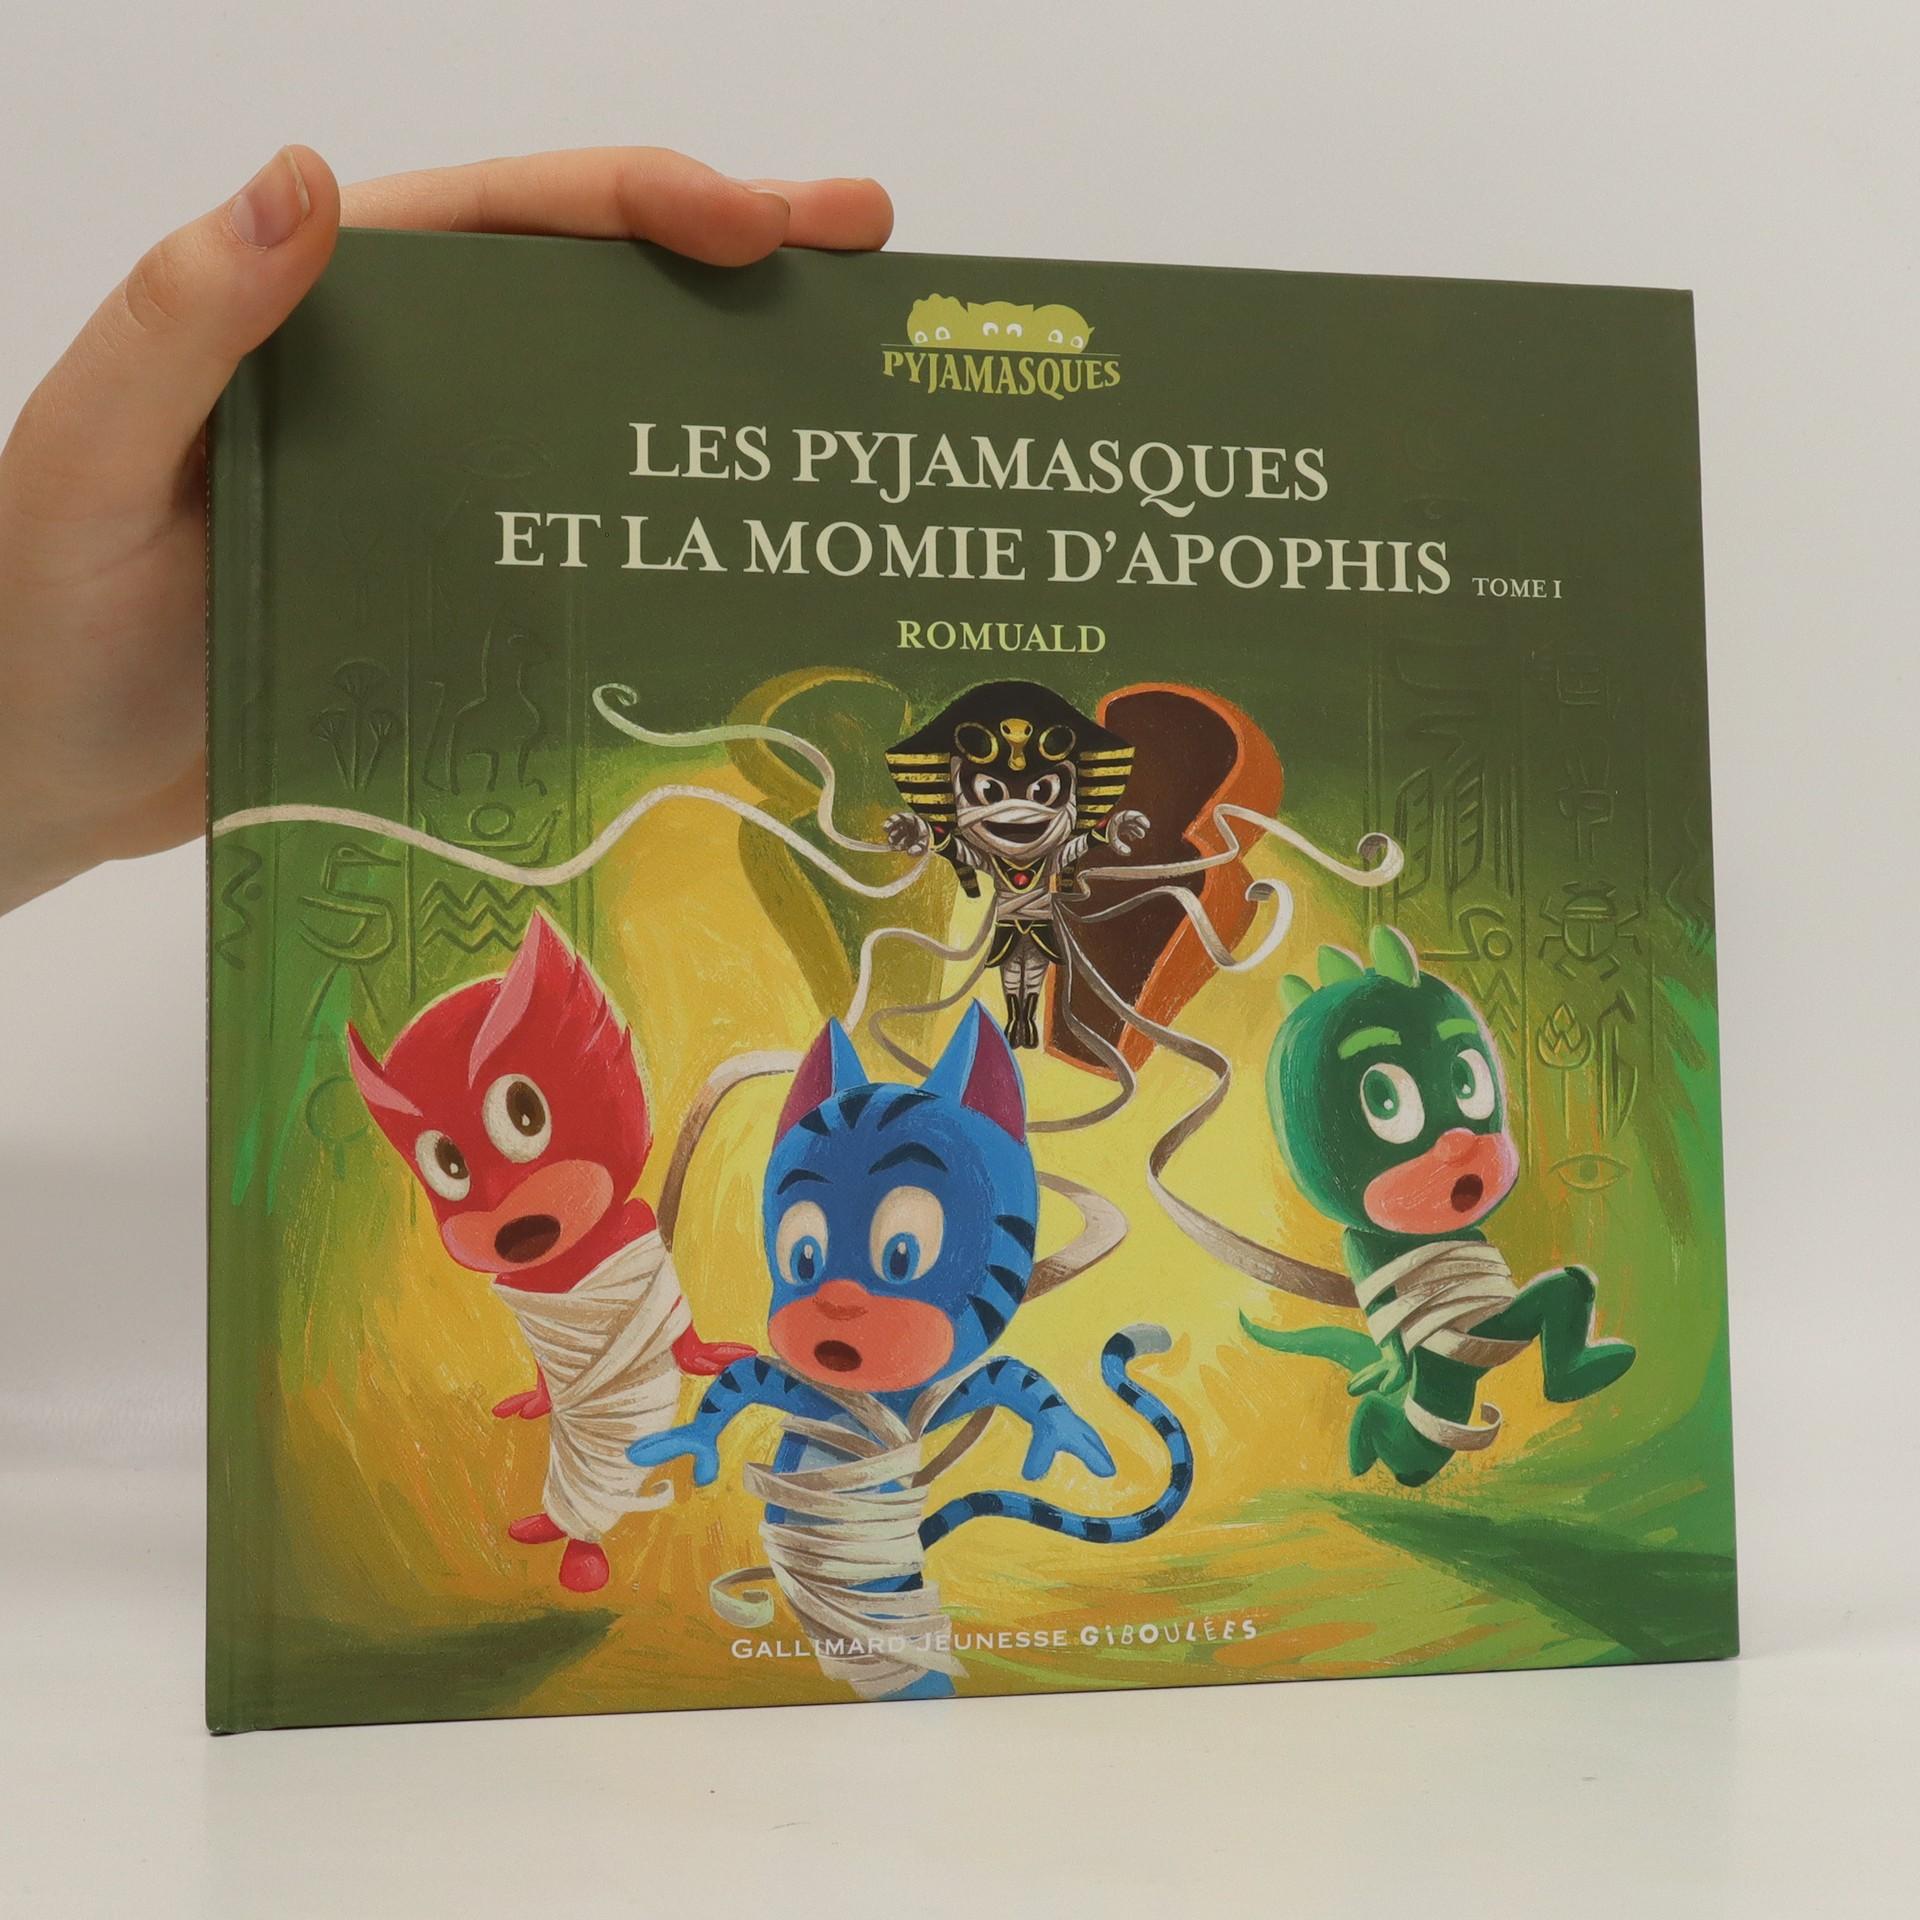 antikvární kniha Les pyjamasques et la momie d'apophis, 2018